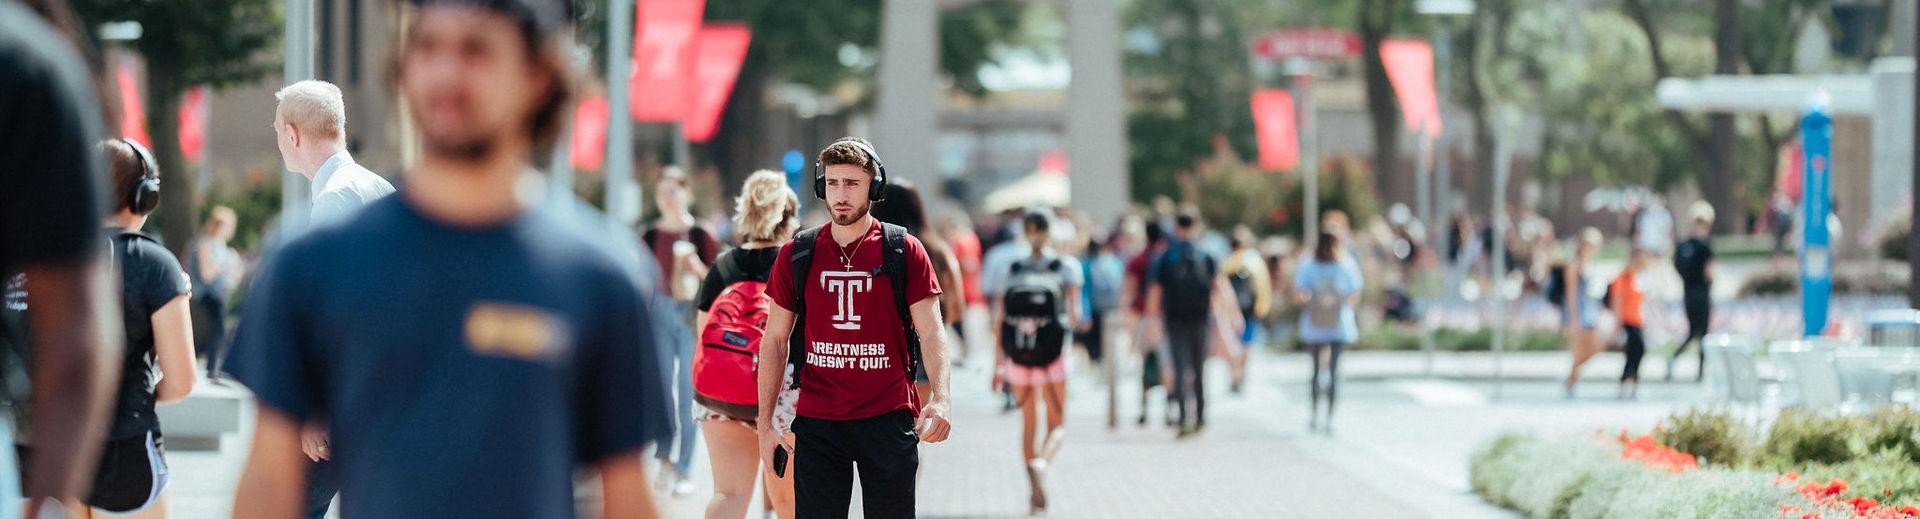 Temple students on Polett Walk on Main Campus.